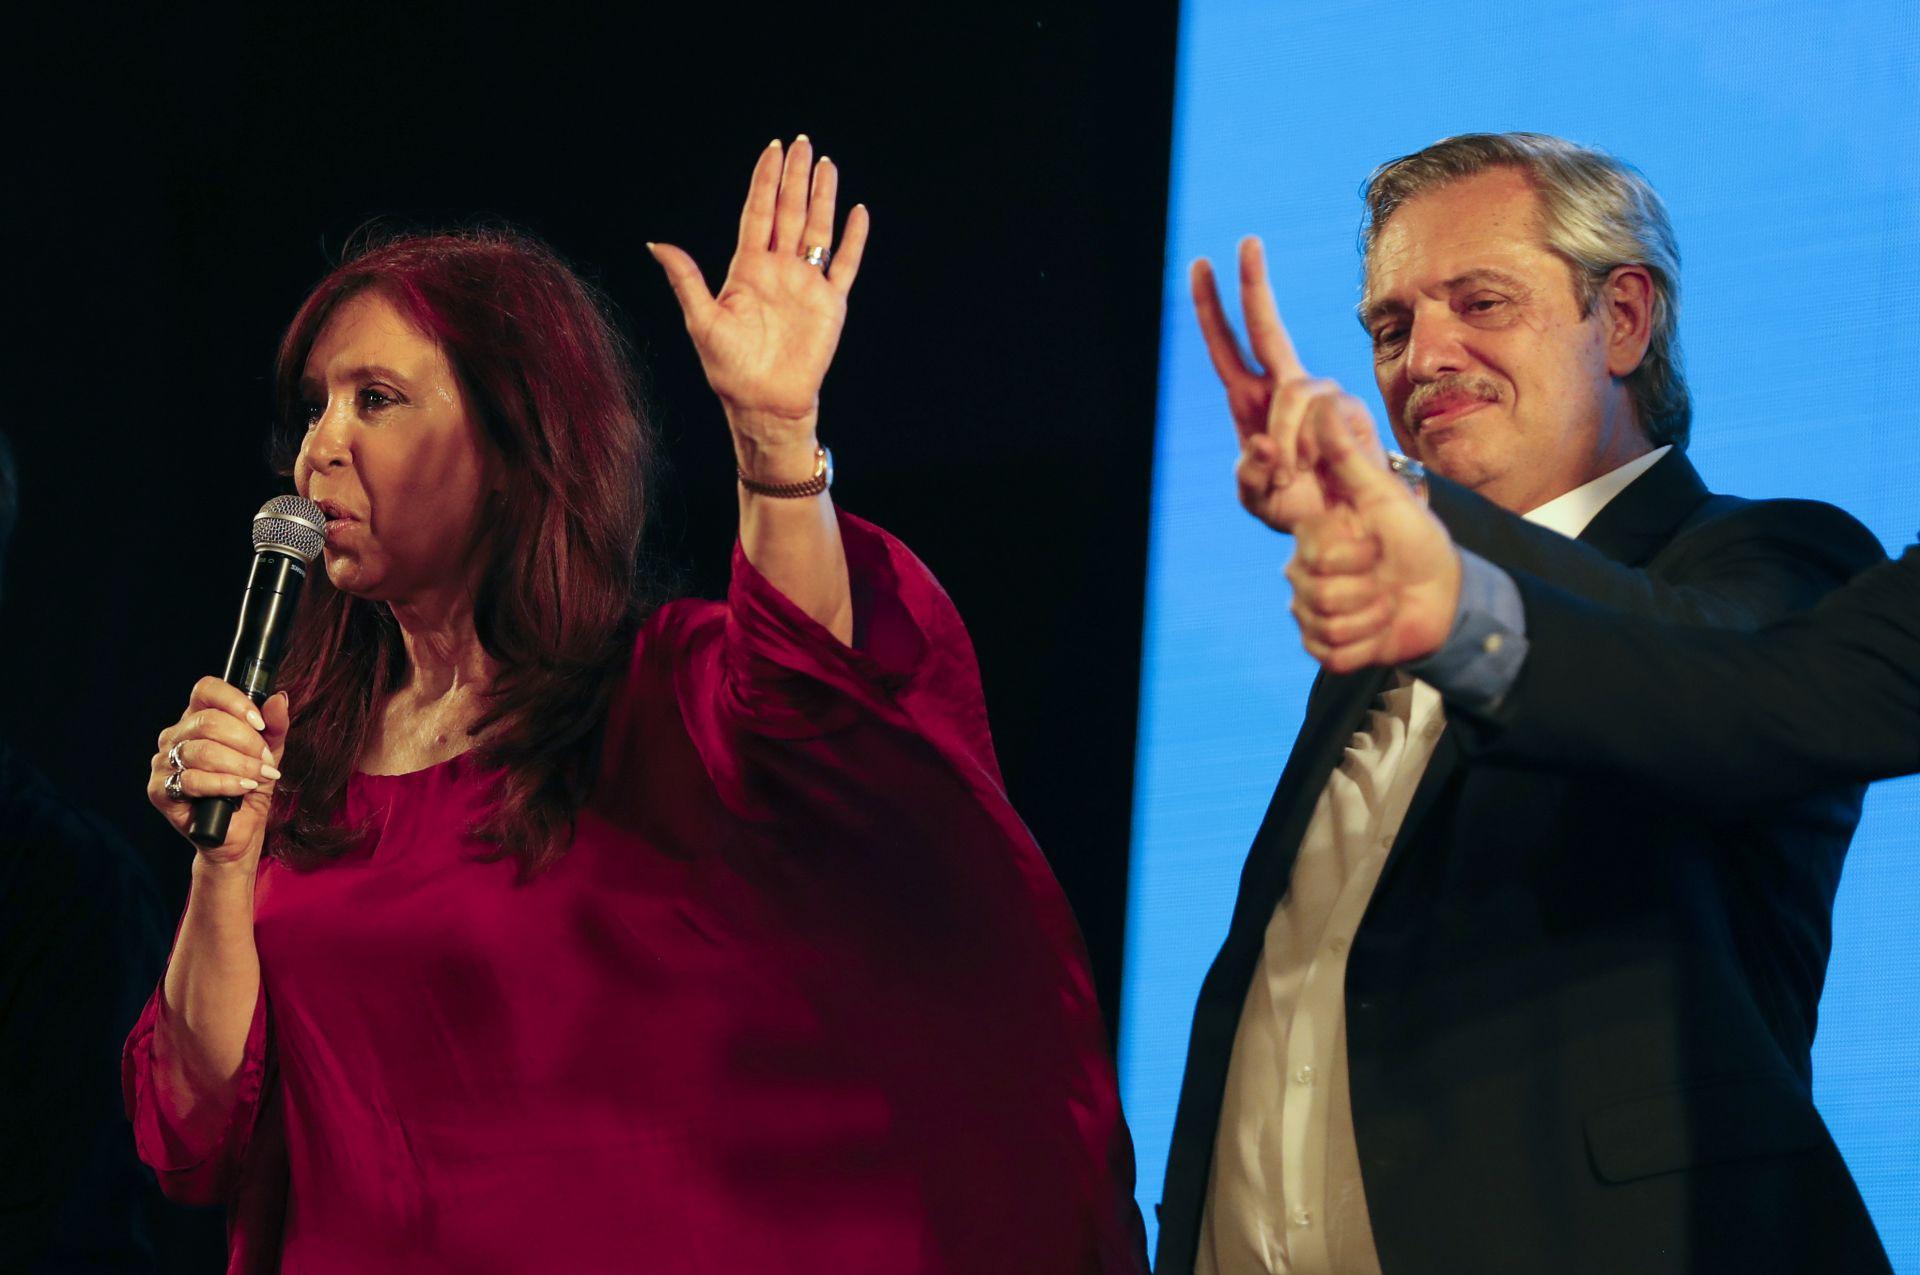 Лявоцентристкият кандидат Алберто Фернандес